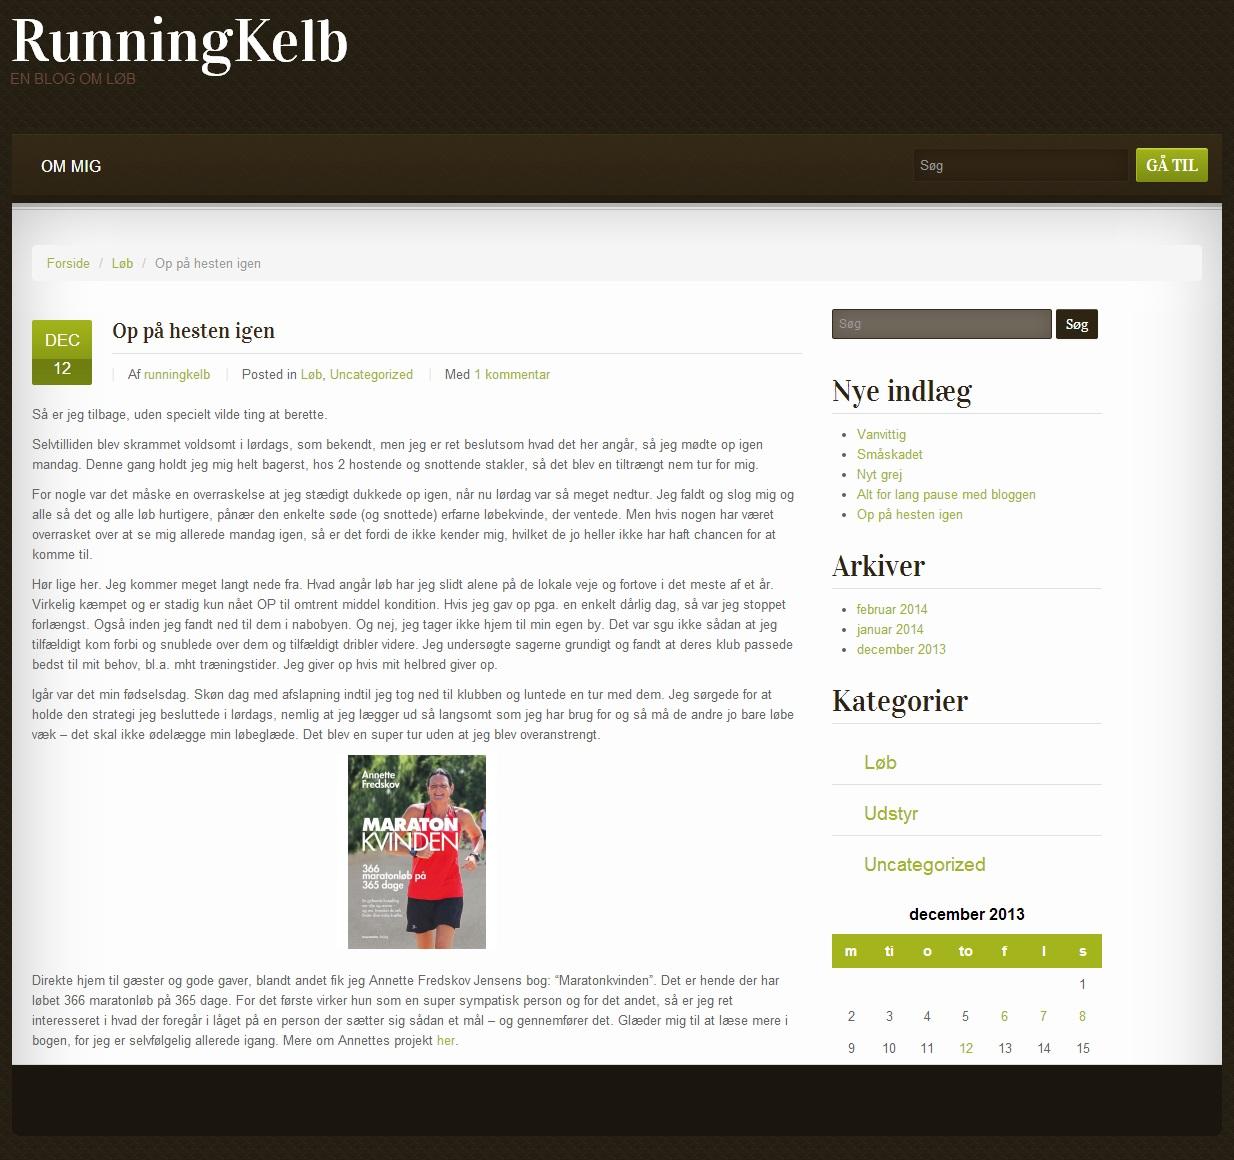 running.kelb.dk 2013.12.12